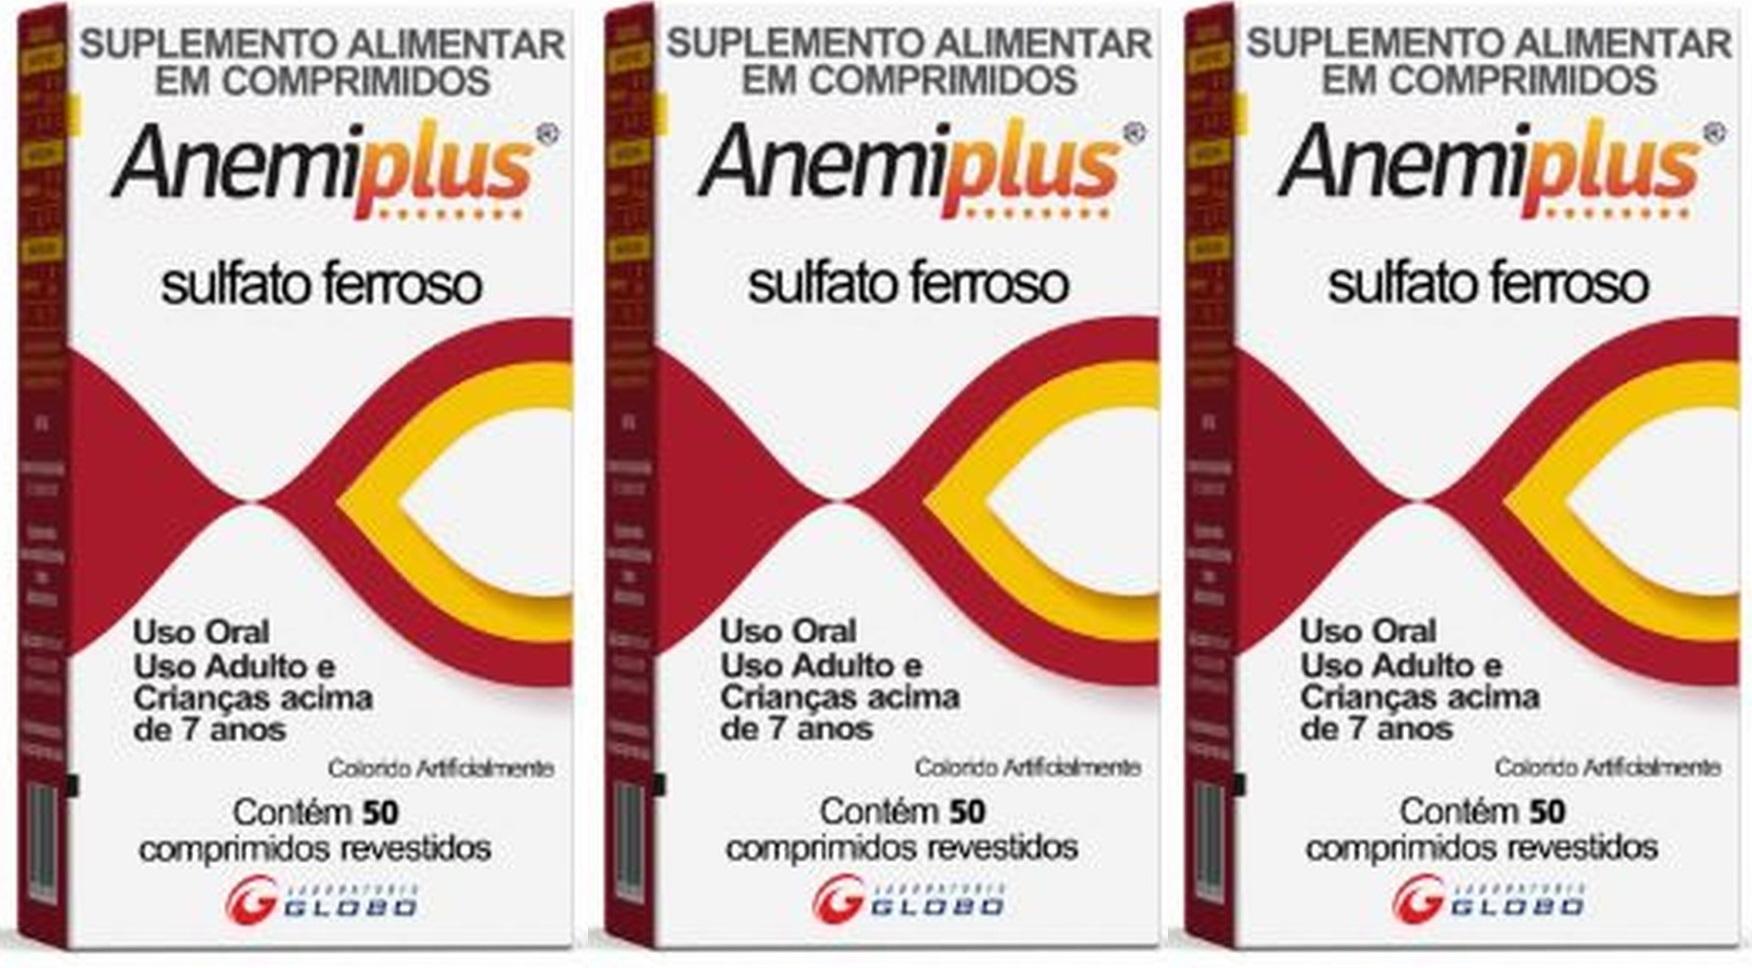 Anemiplus Sulfato Ferroso 270mg 50 CP 3 unidades